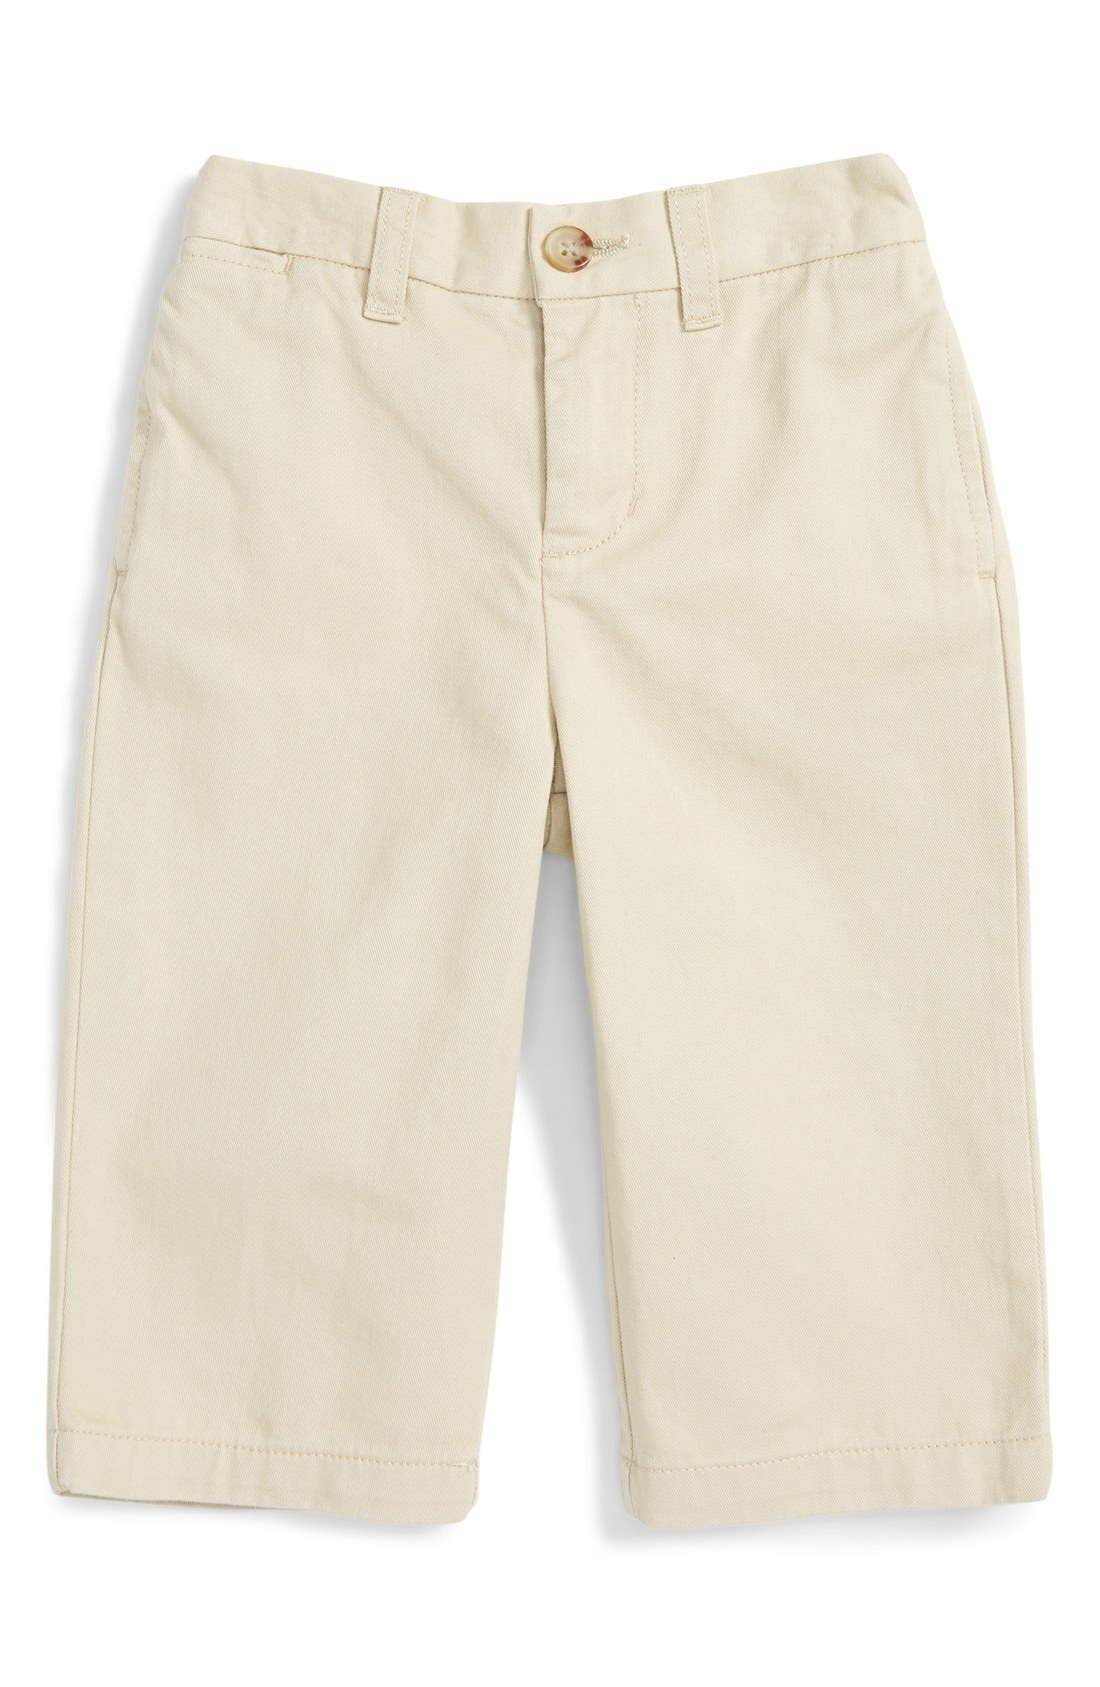 RALPH LAUREN 'Suffield' Chino Pants